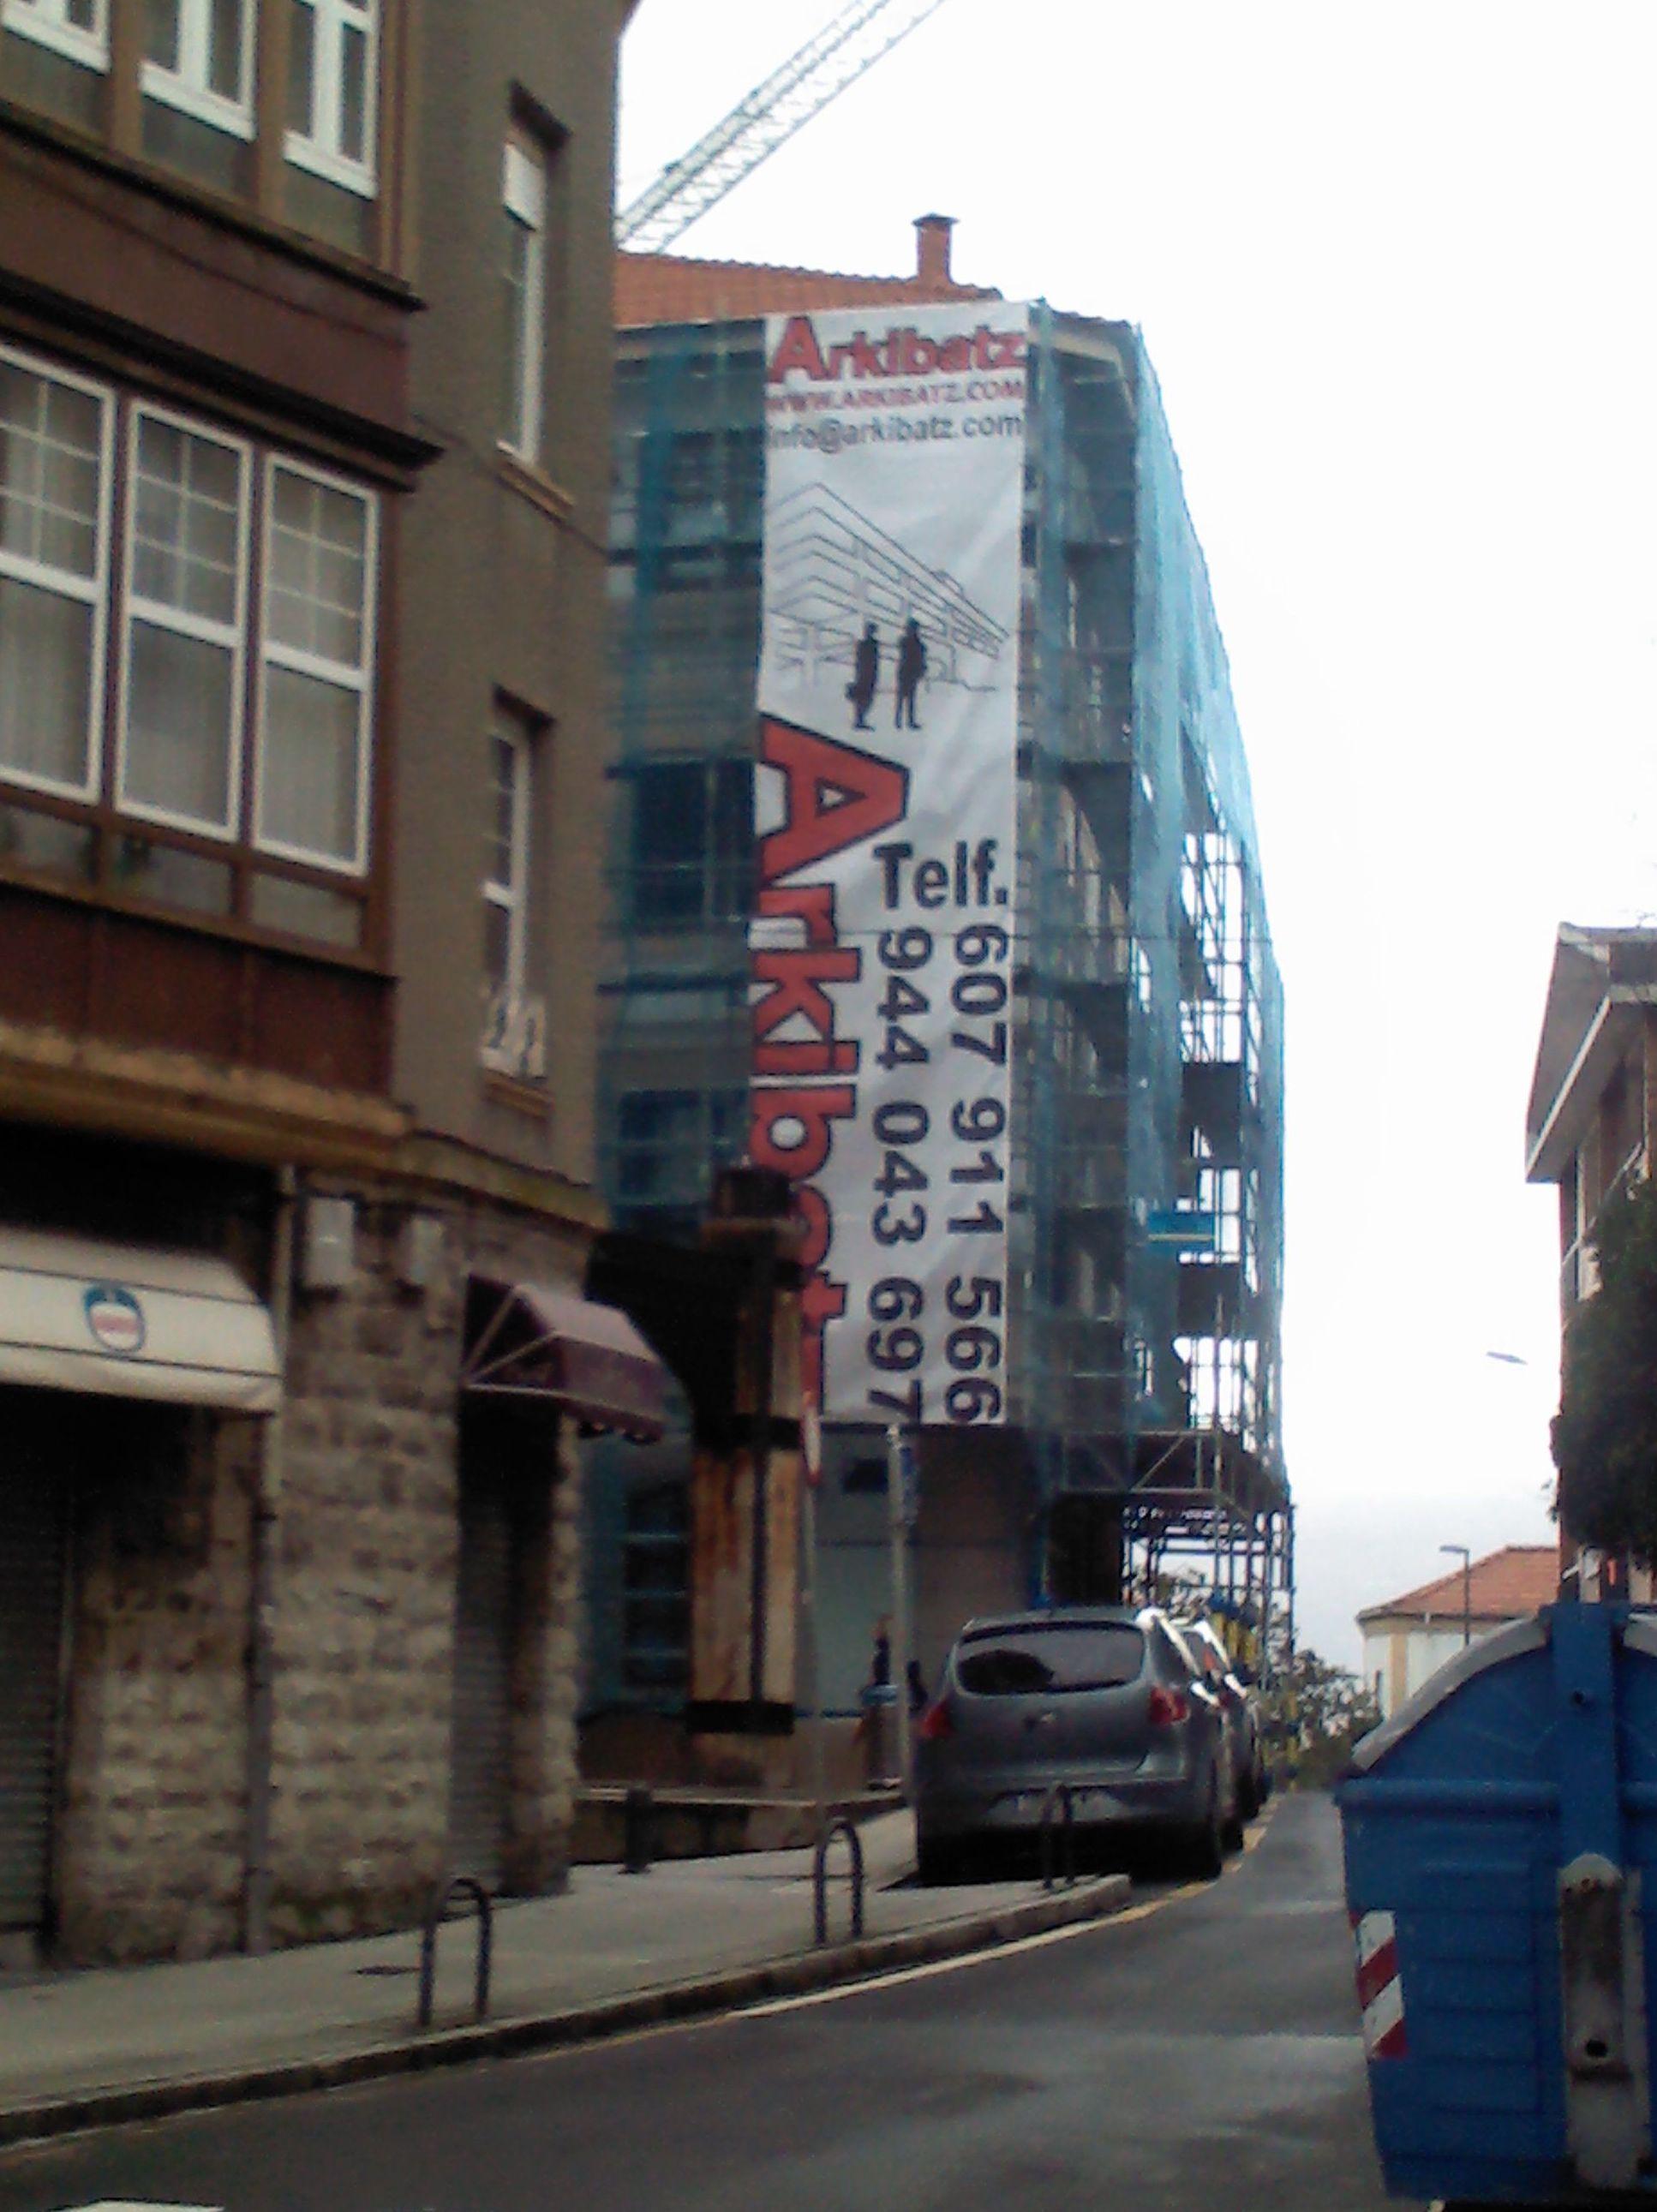 Foto 22 de Empresas de construcción en Getxo | Arkibatz